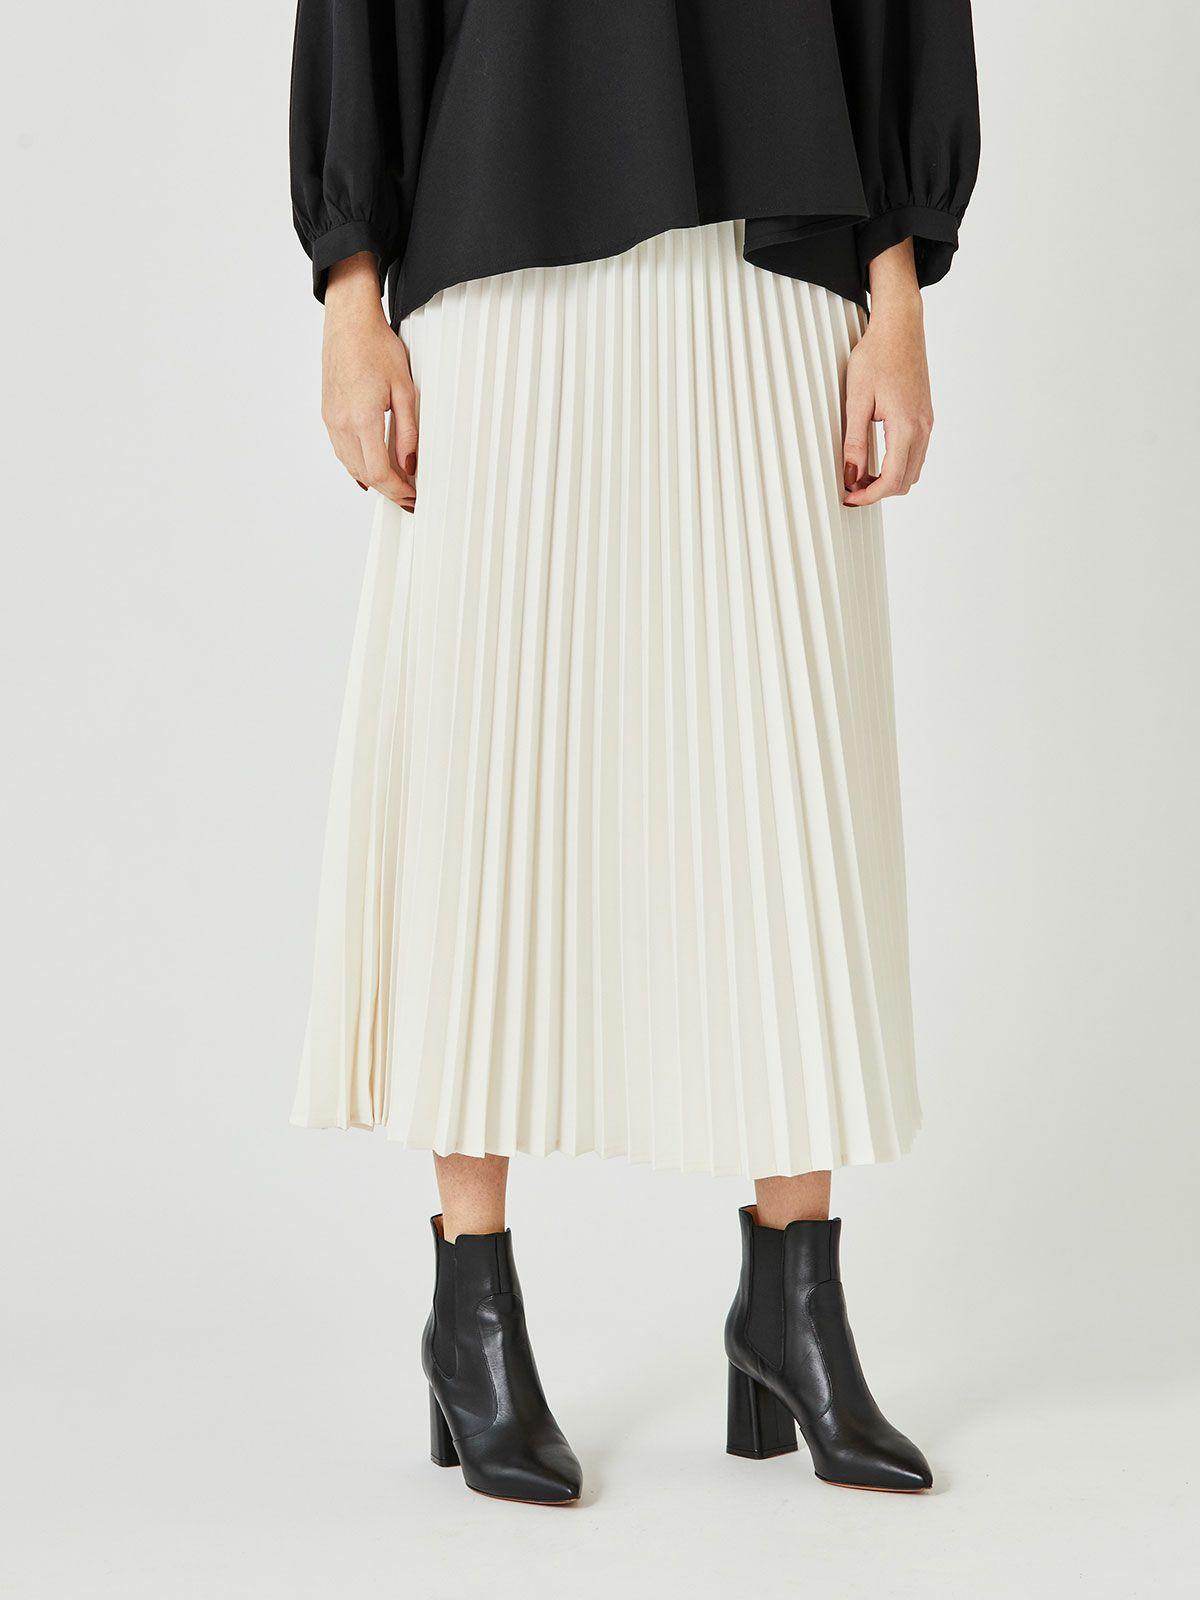 MIDUMISOLID for Ladies アコーディオンプリーツロングスカート